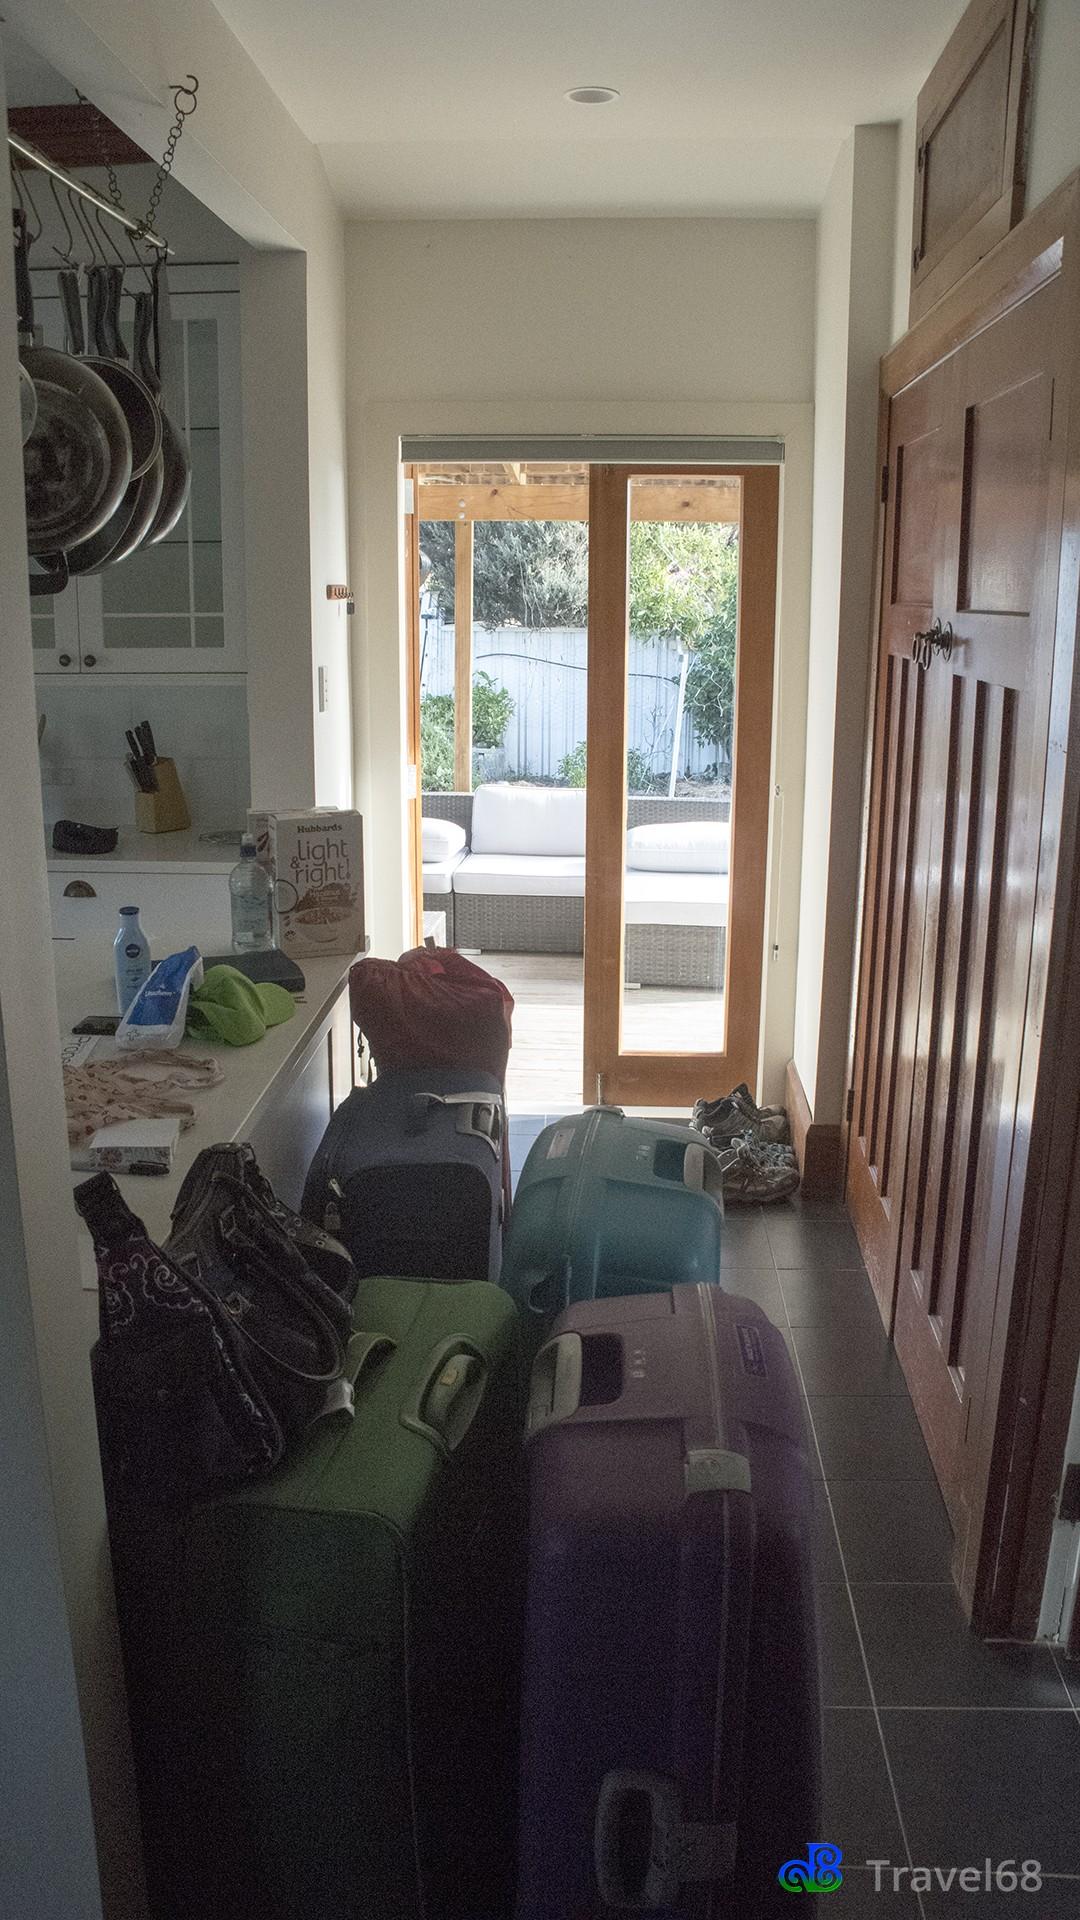 Onze koffers kunnen eindelijk uit gepakt worden